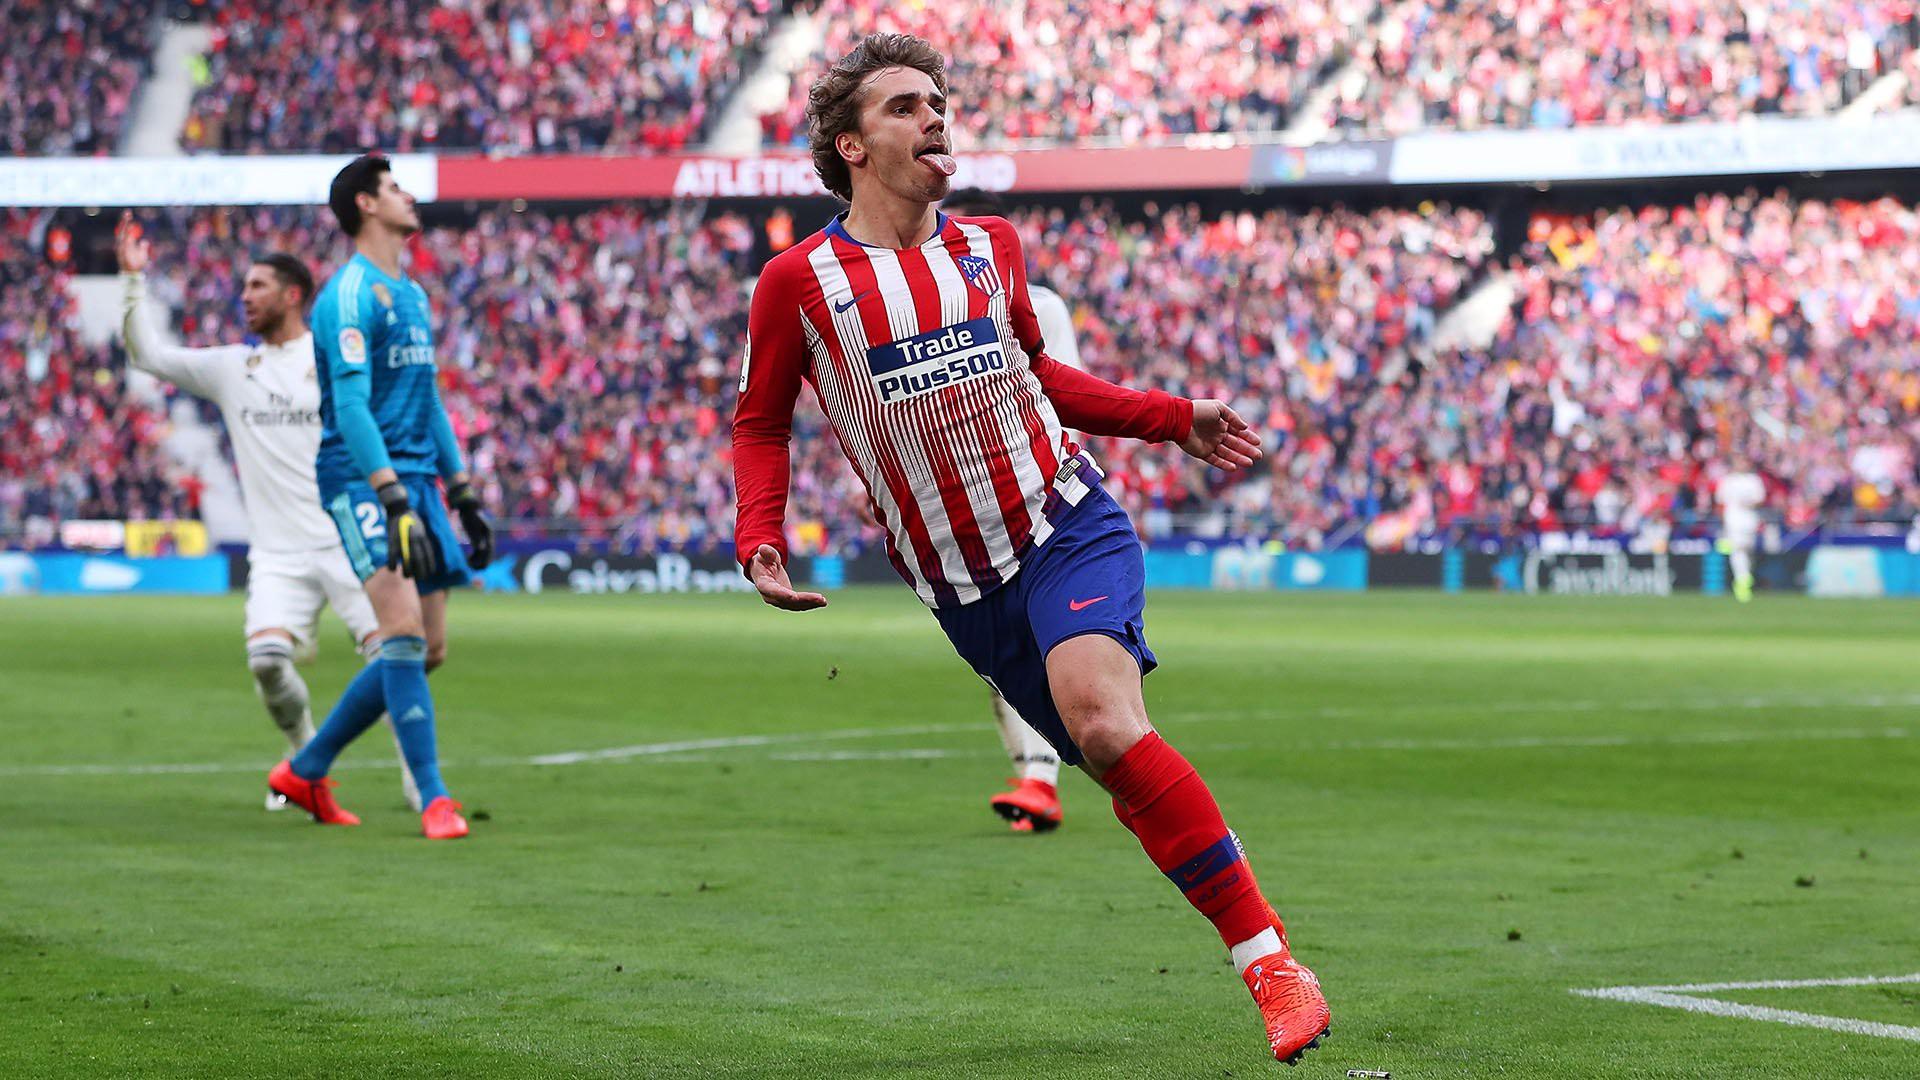 Dự đoán bóng đá hôm nay, Atletico Madrid vs Sevilla (23h30 12/05): Nhận định bóng đá Tây Ban Nha - Ảnh 1.